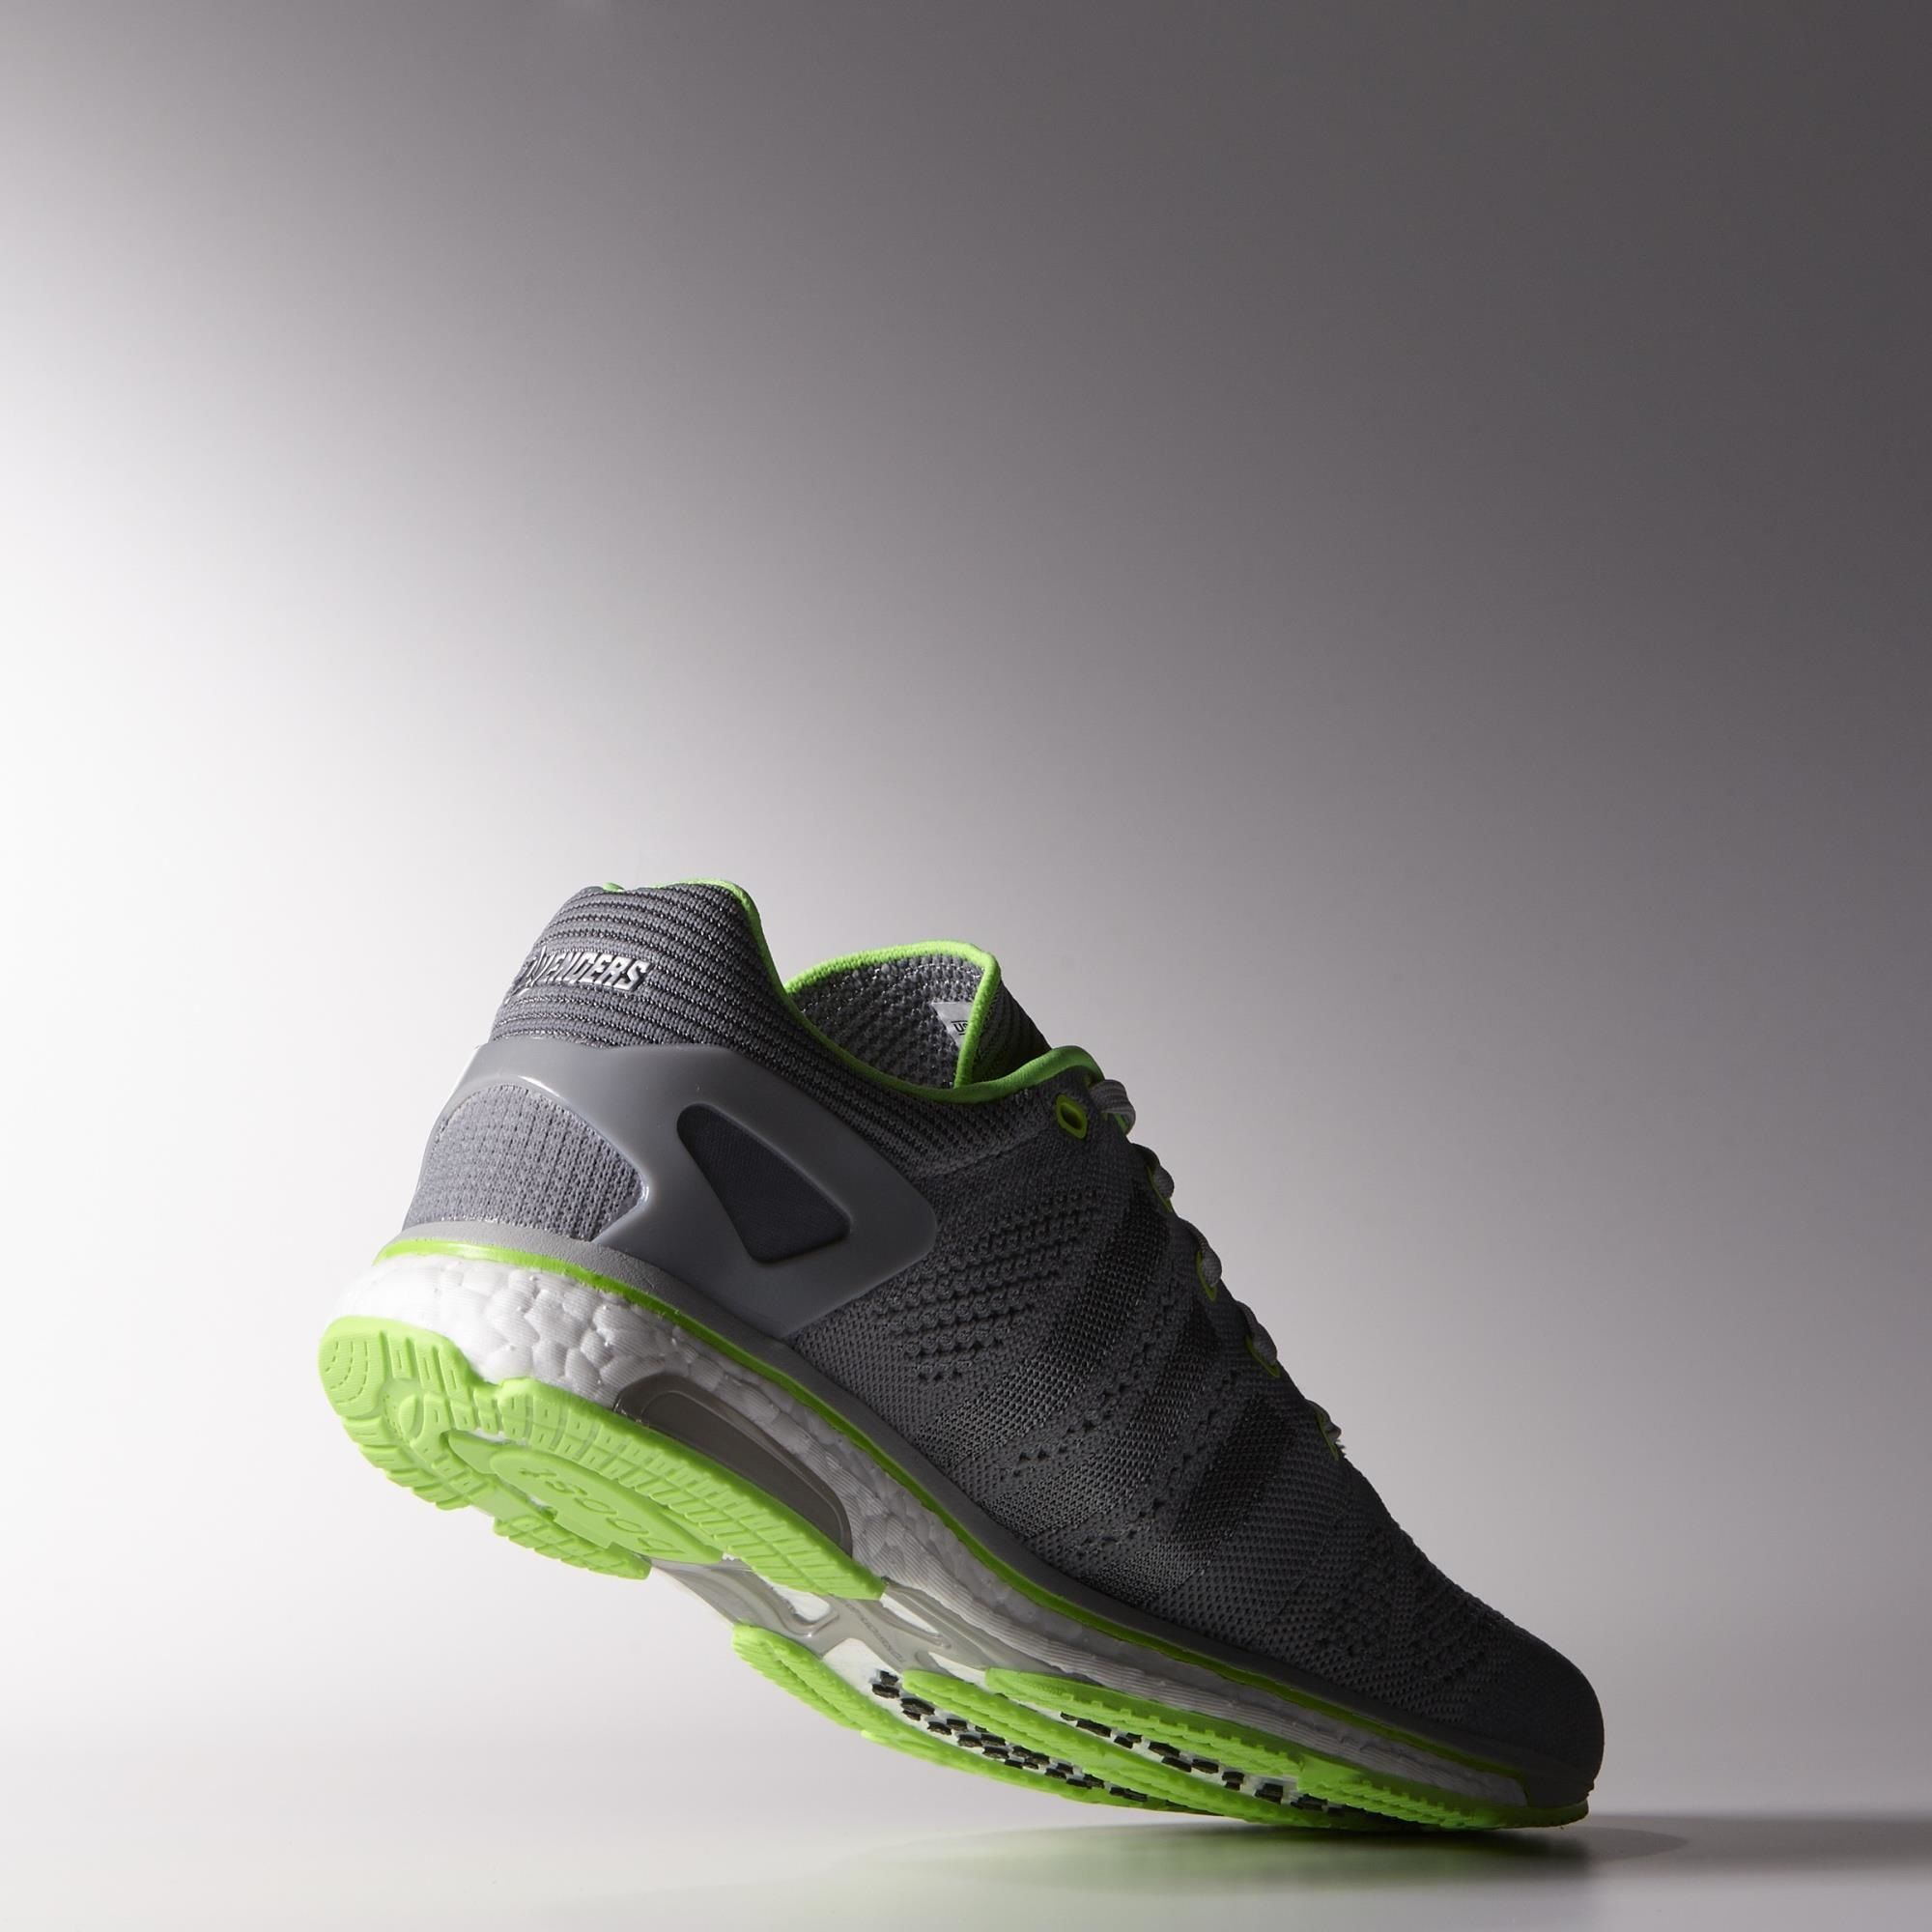 4dd4775d61 adidas adizero Prime Boost LTD Shoes - Grey | adidas US ...